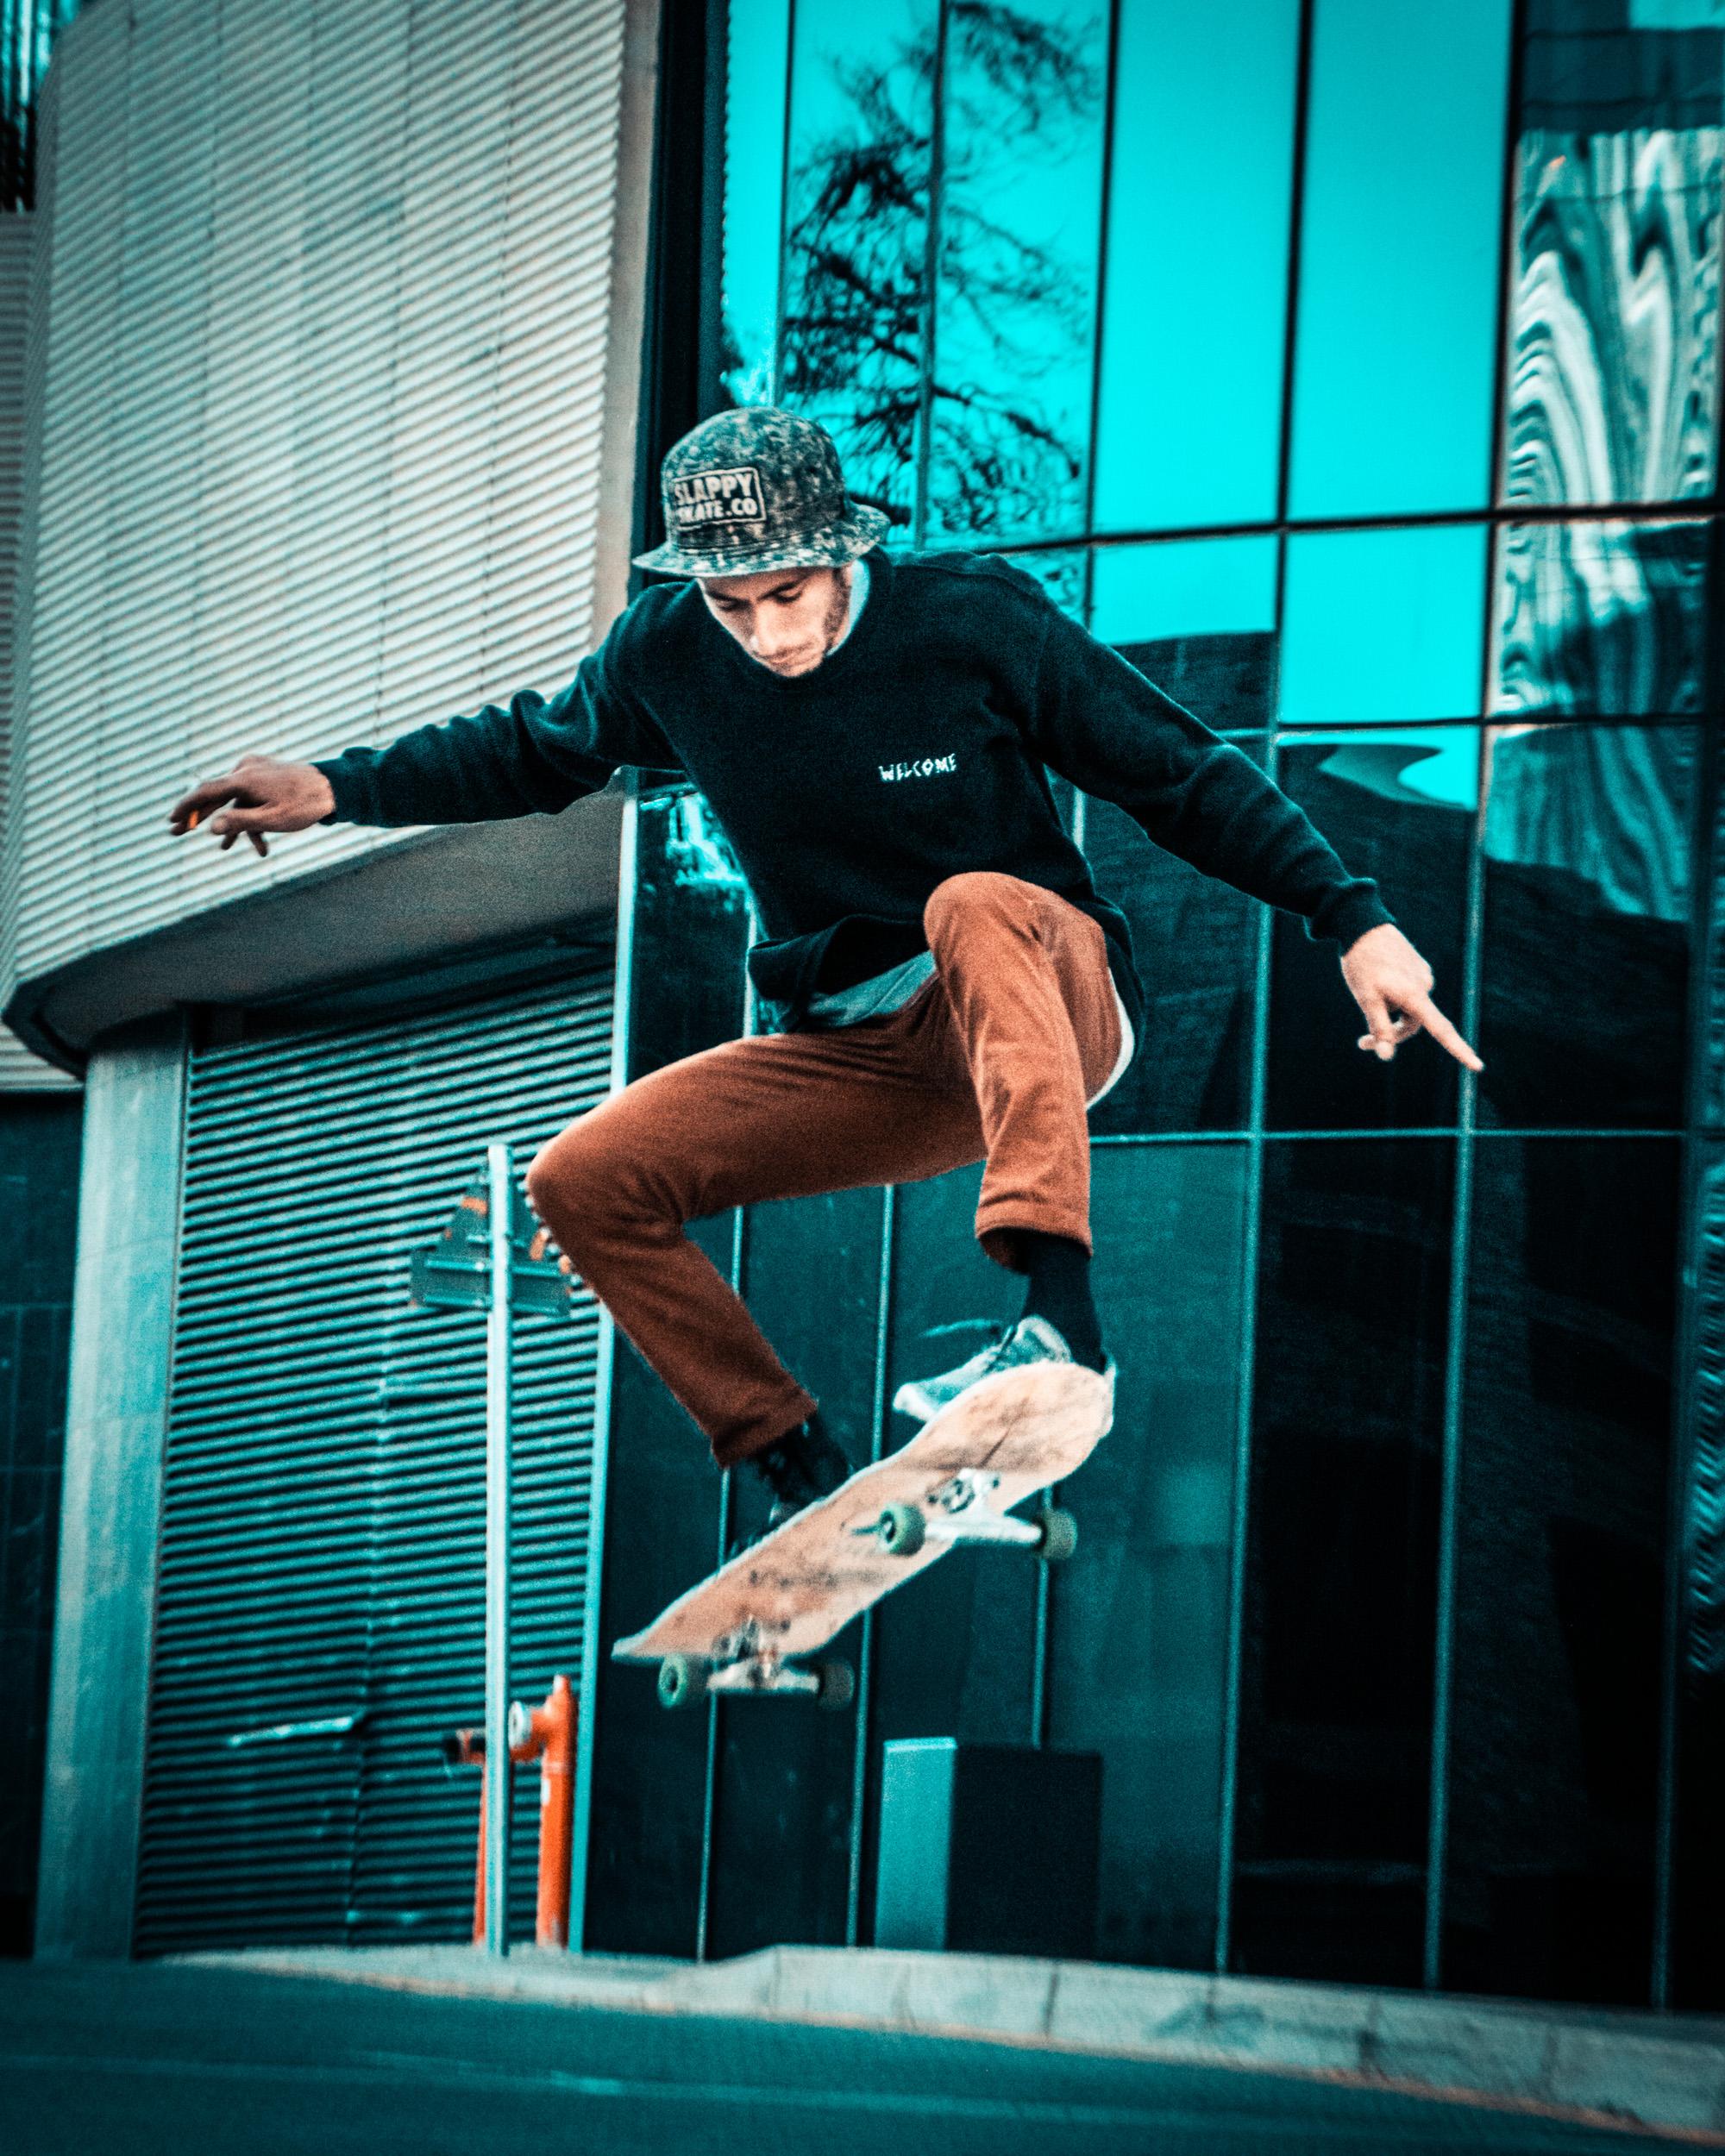 Photo Of Man Skating